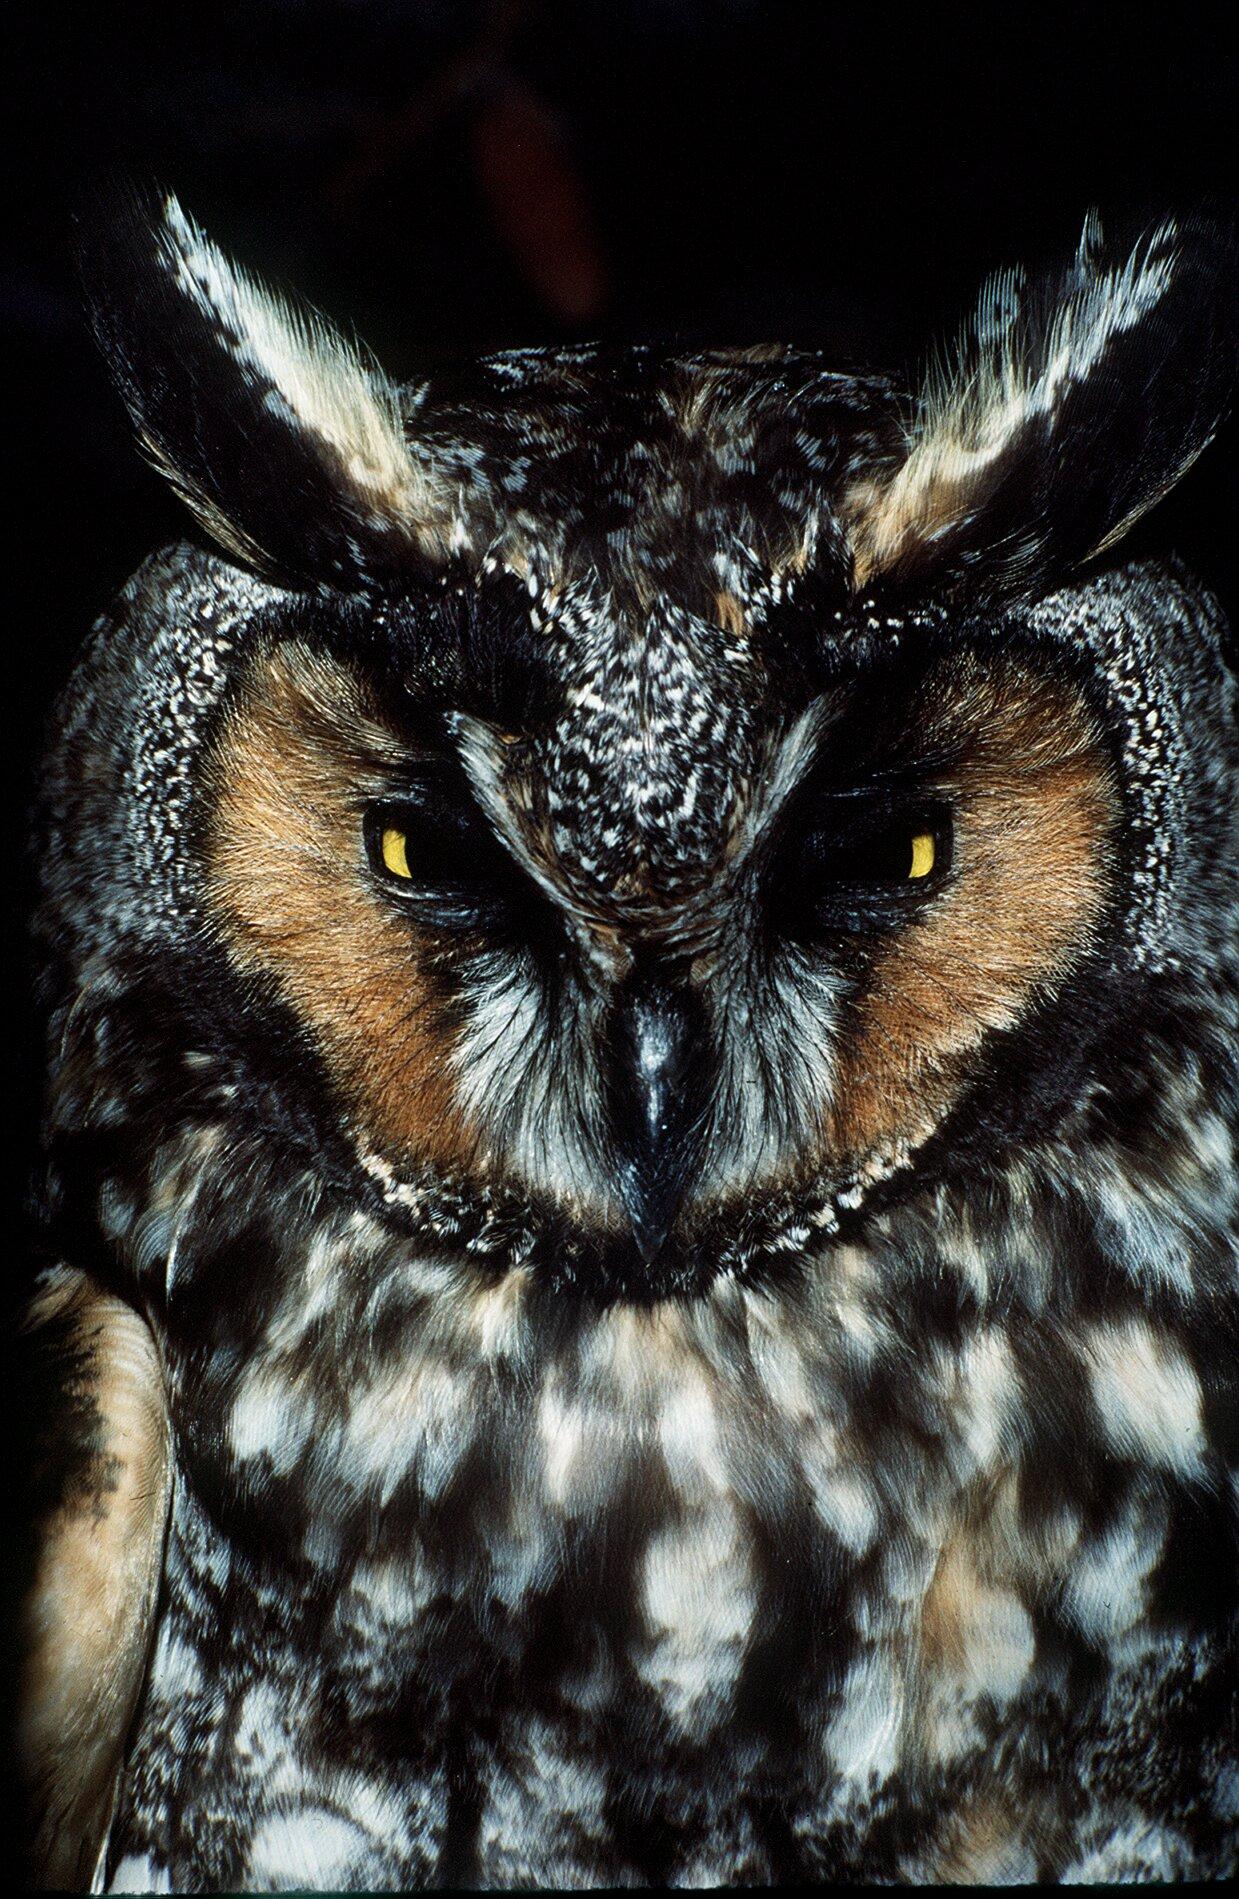 symbiotic relationship between owls  woodpeckers helps